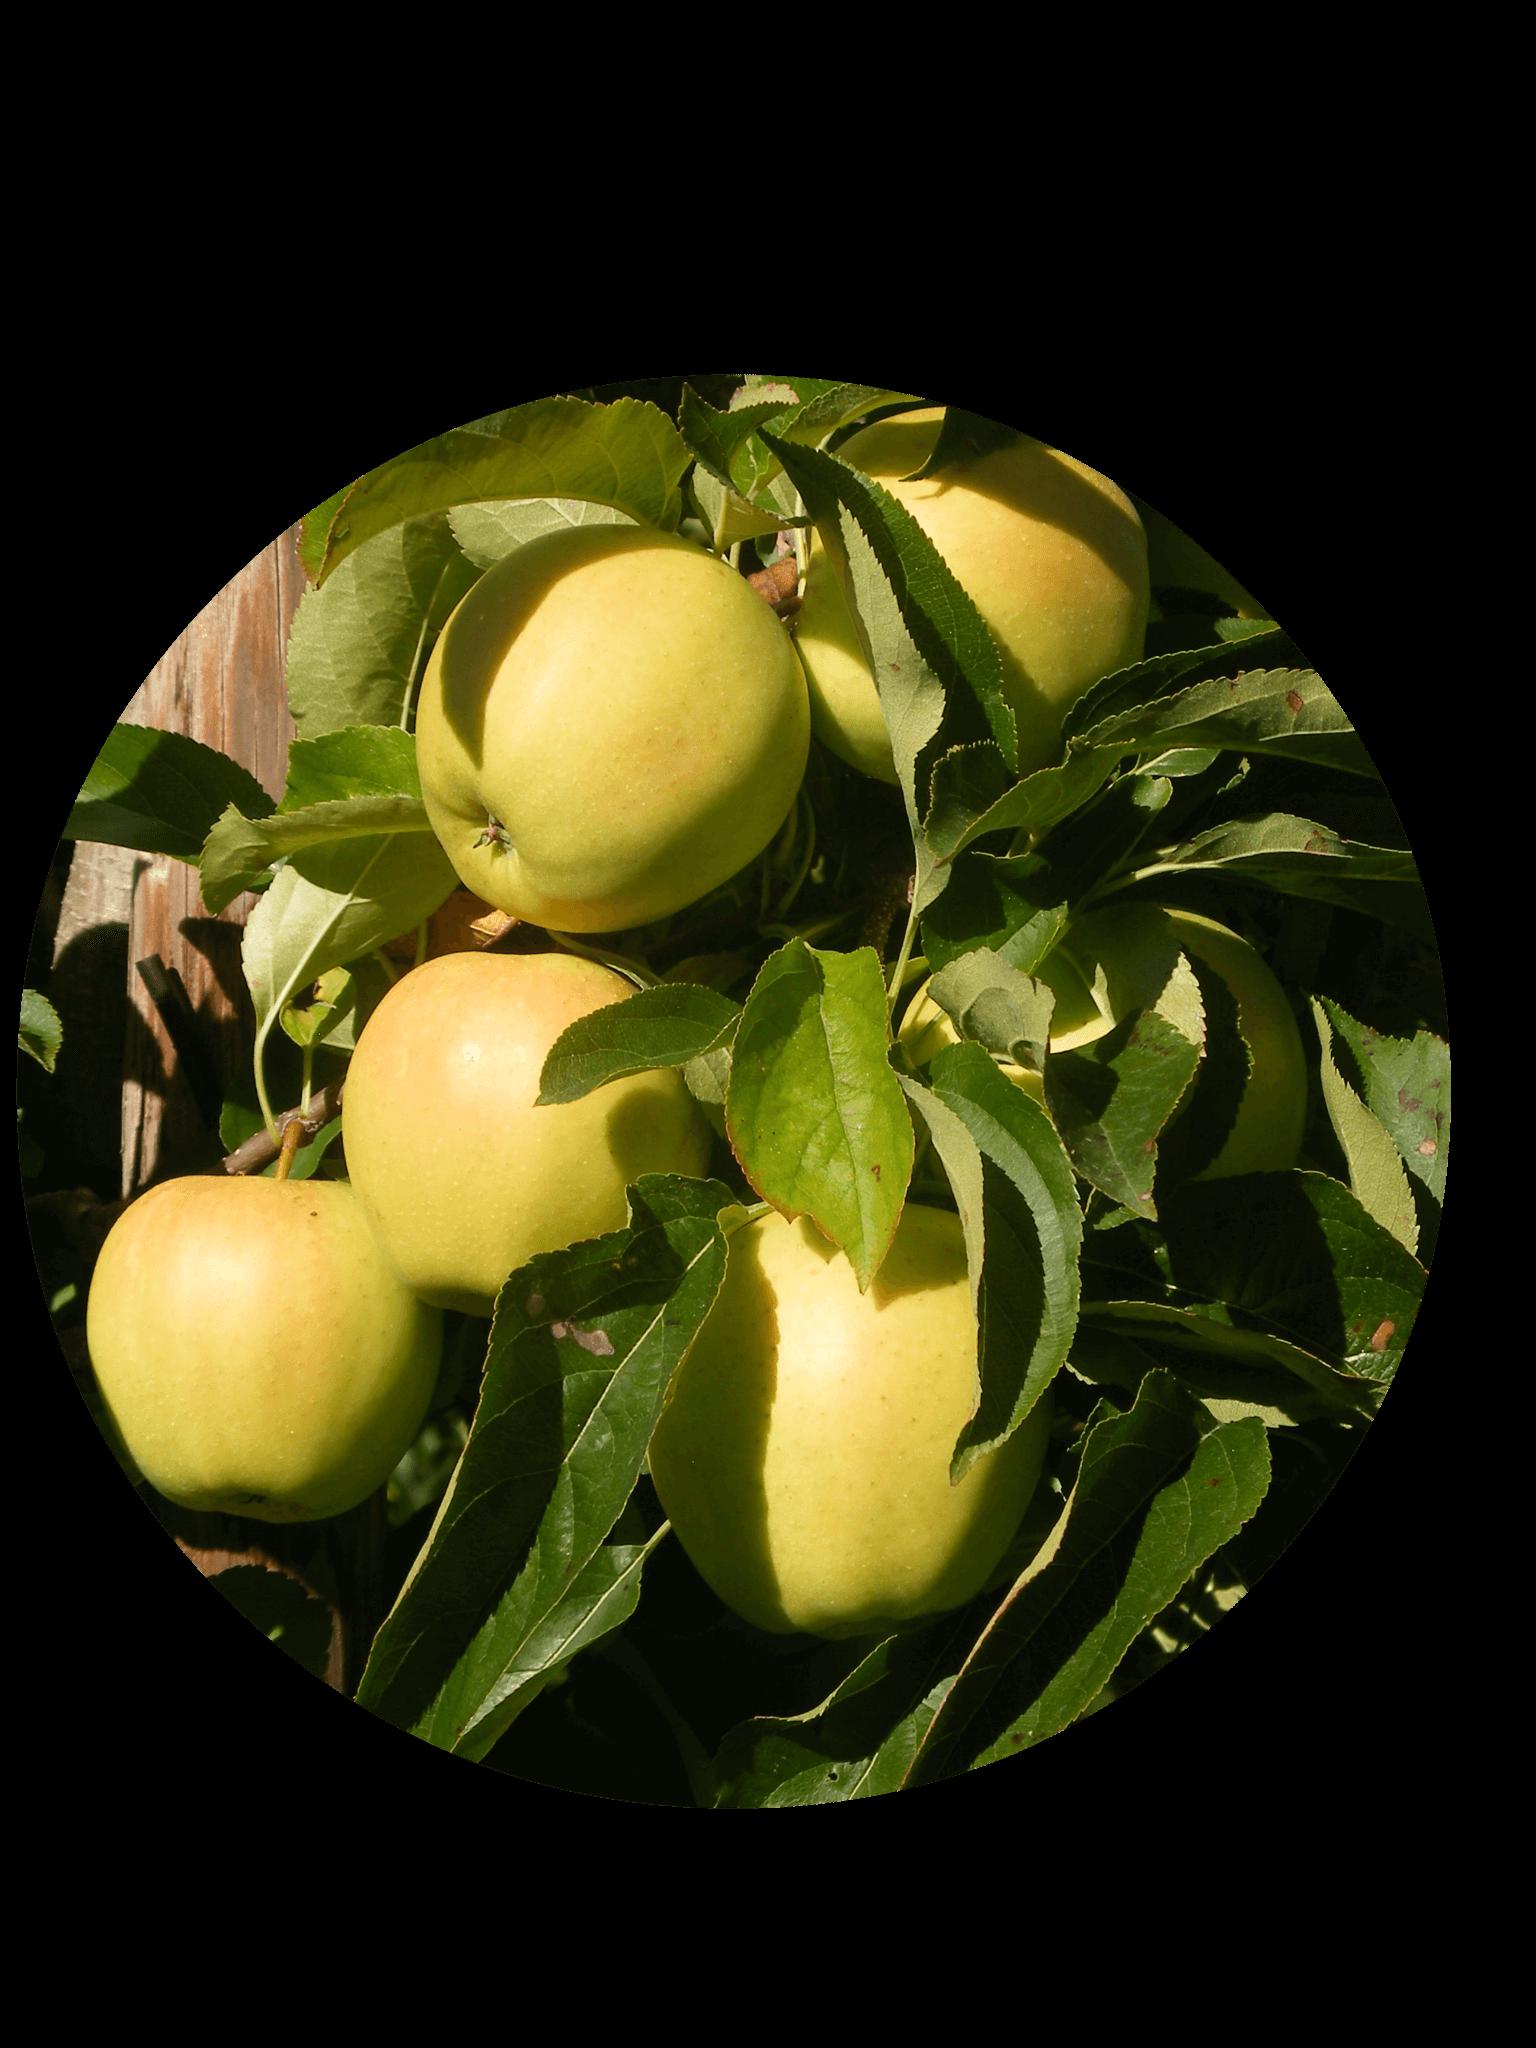 Fruitbedrijf Van den Berge: Onze appelsoorten Golden Delicious